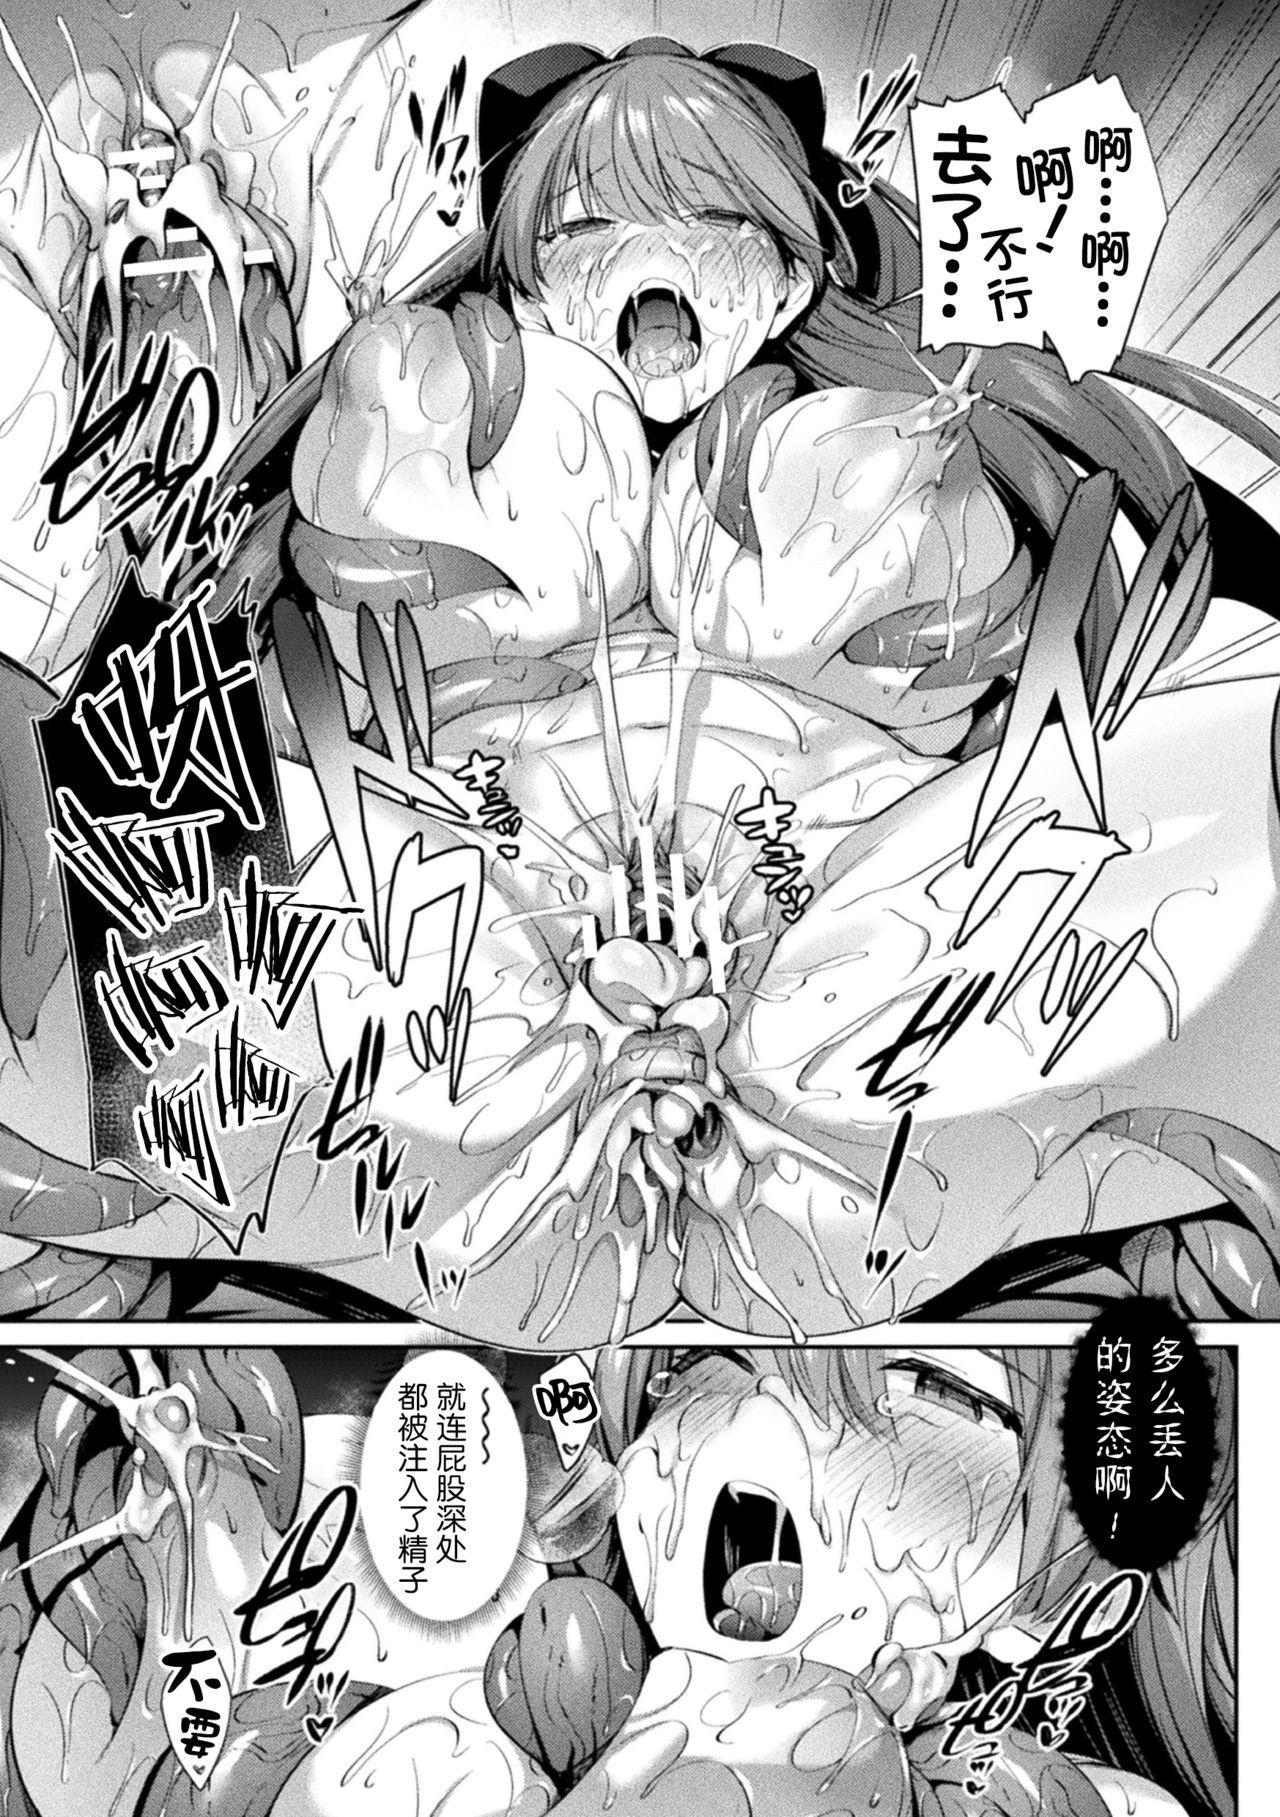 聖煌戦姫ジュエルルミナス 乙女ふたり堕つる時 2 16